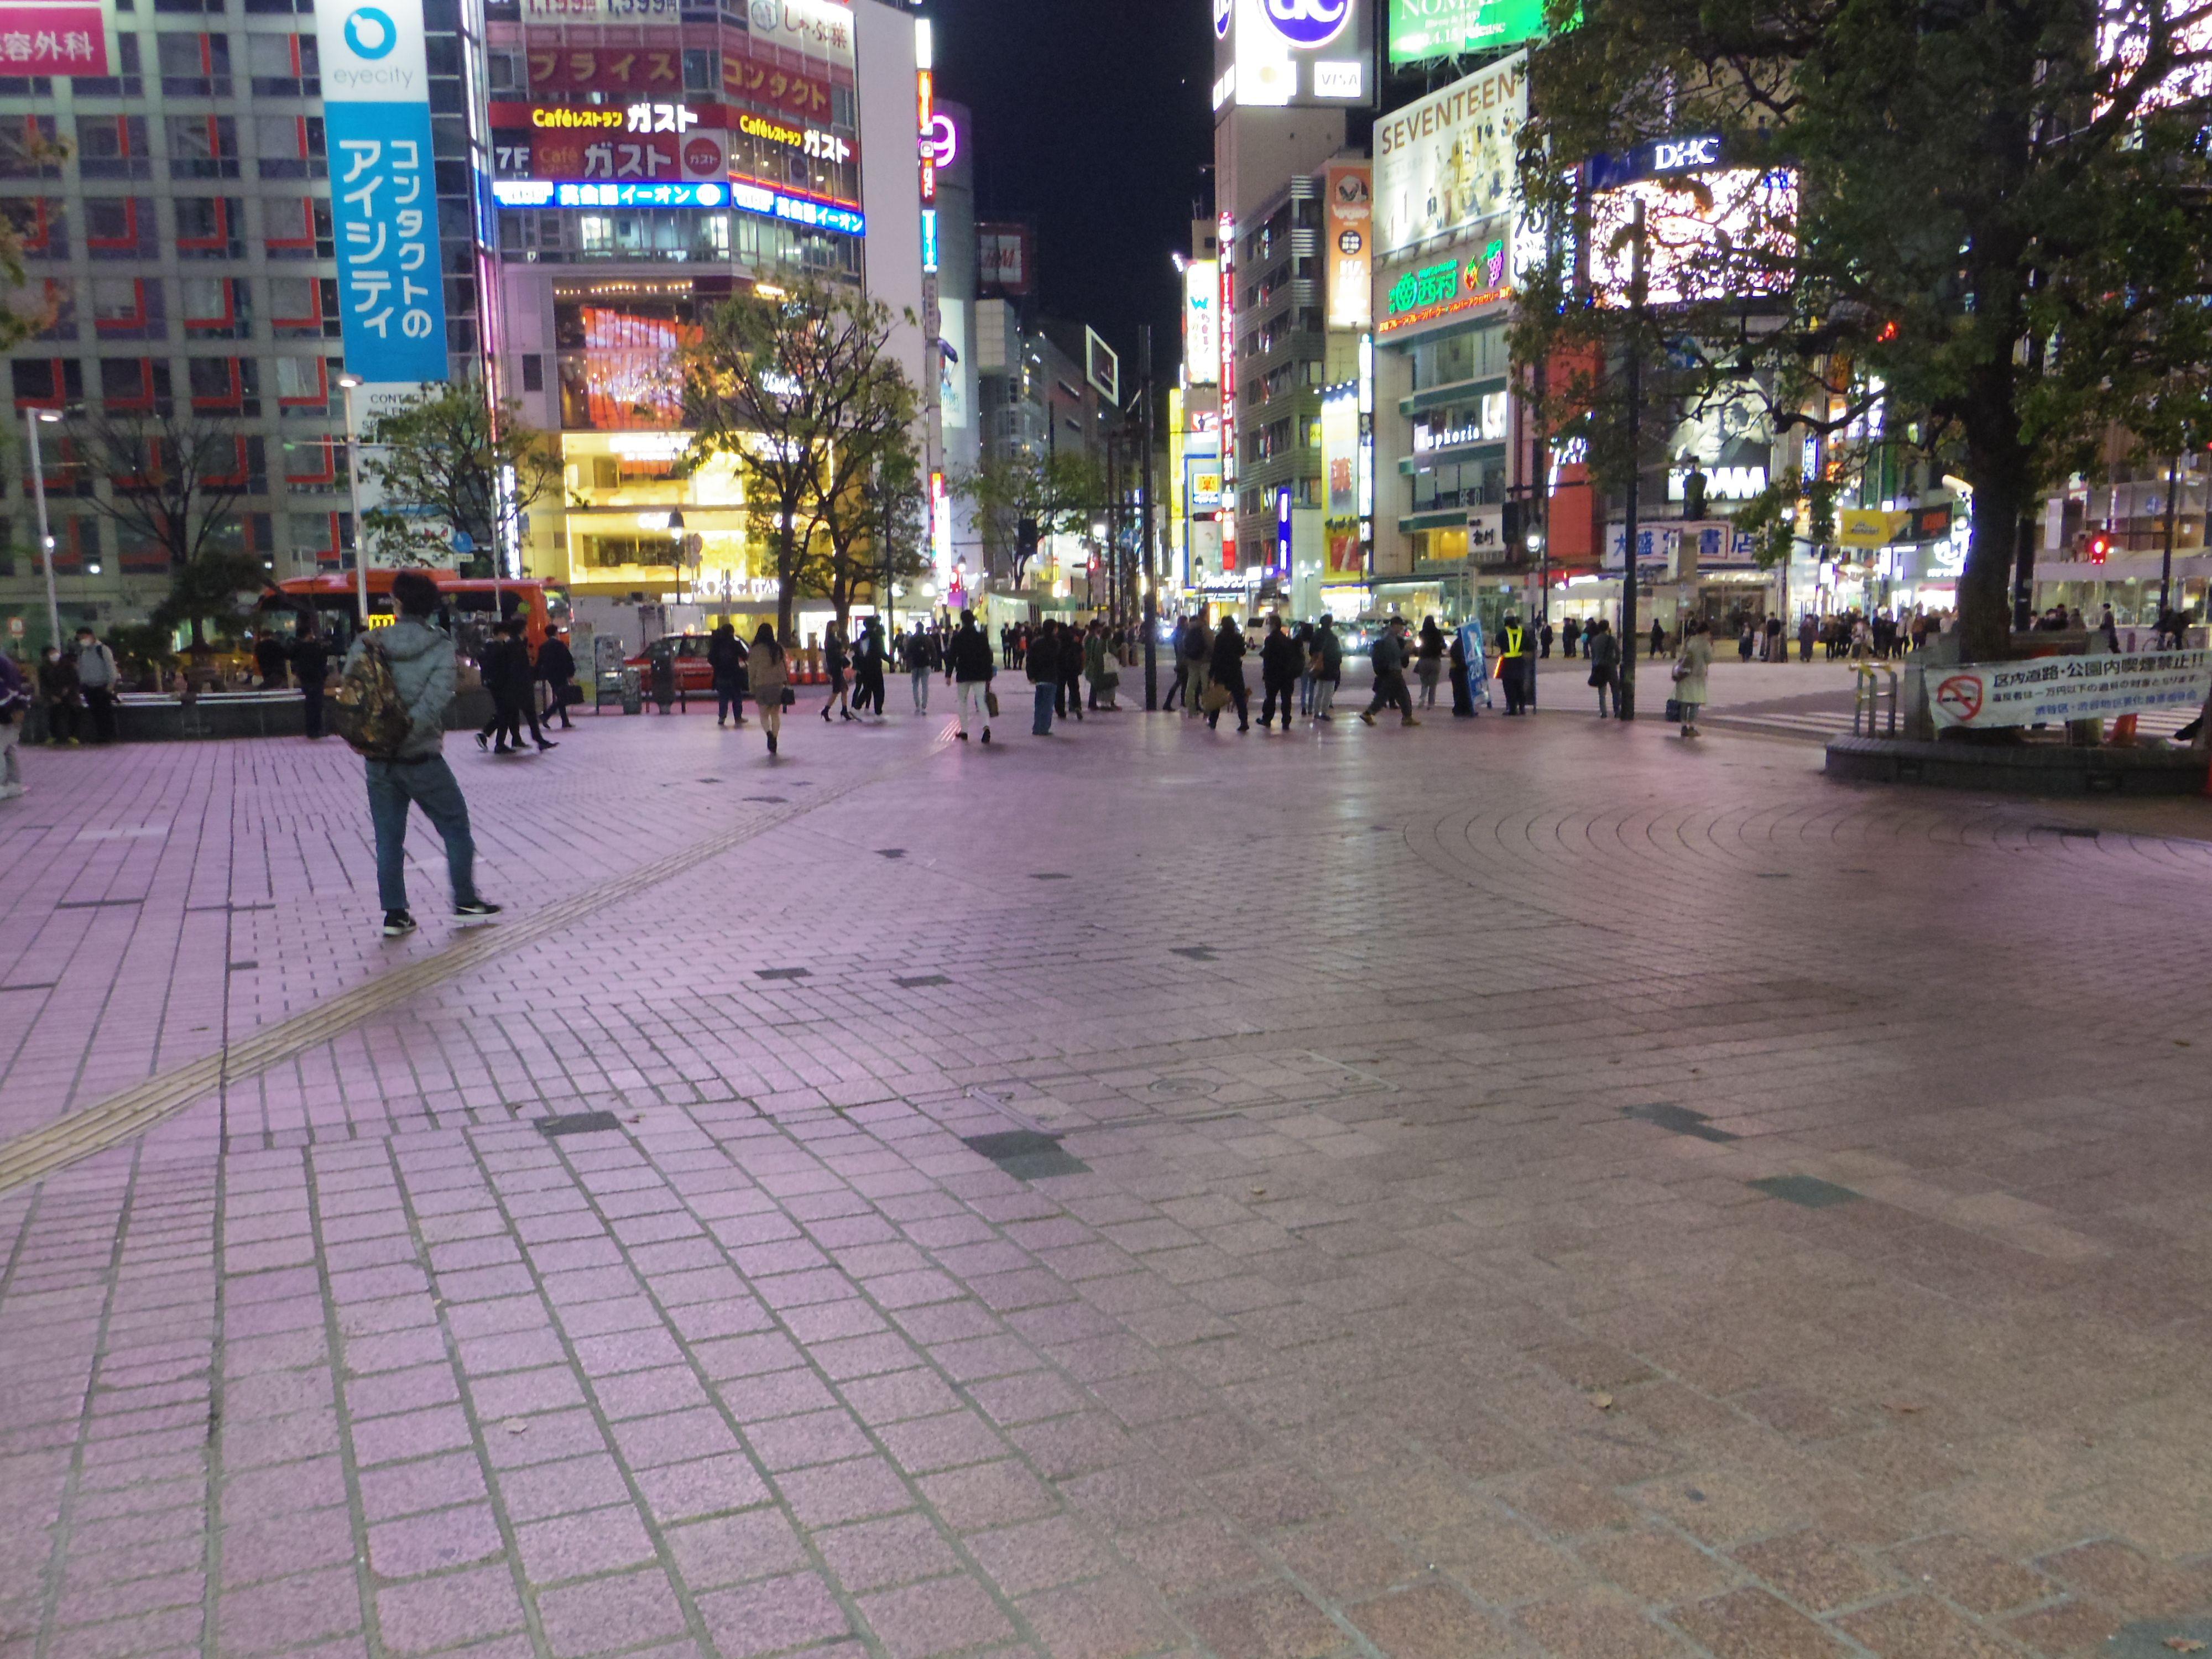 緊急事態宣言発令中「東京の夜の街を歩いてみた」【新宿・渋谷の動画】の画像012